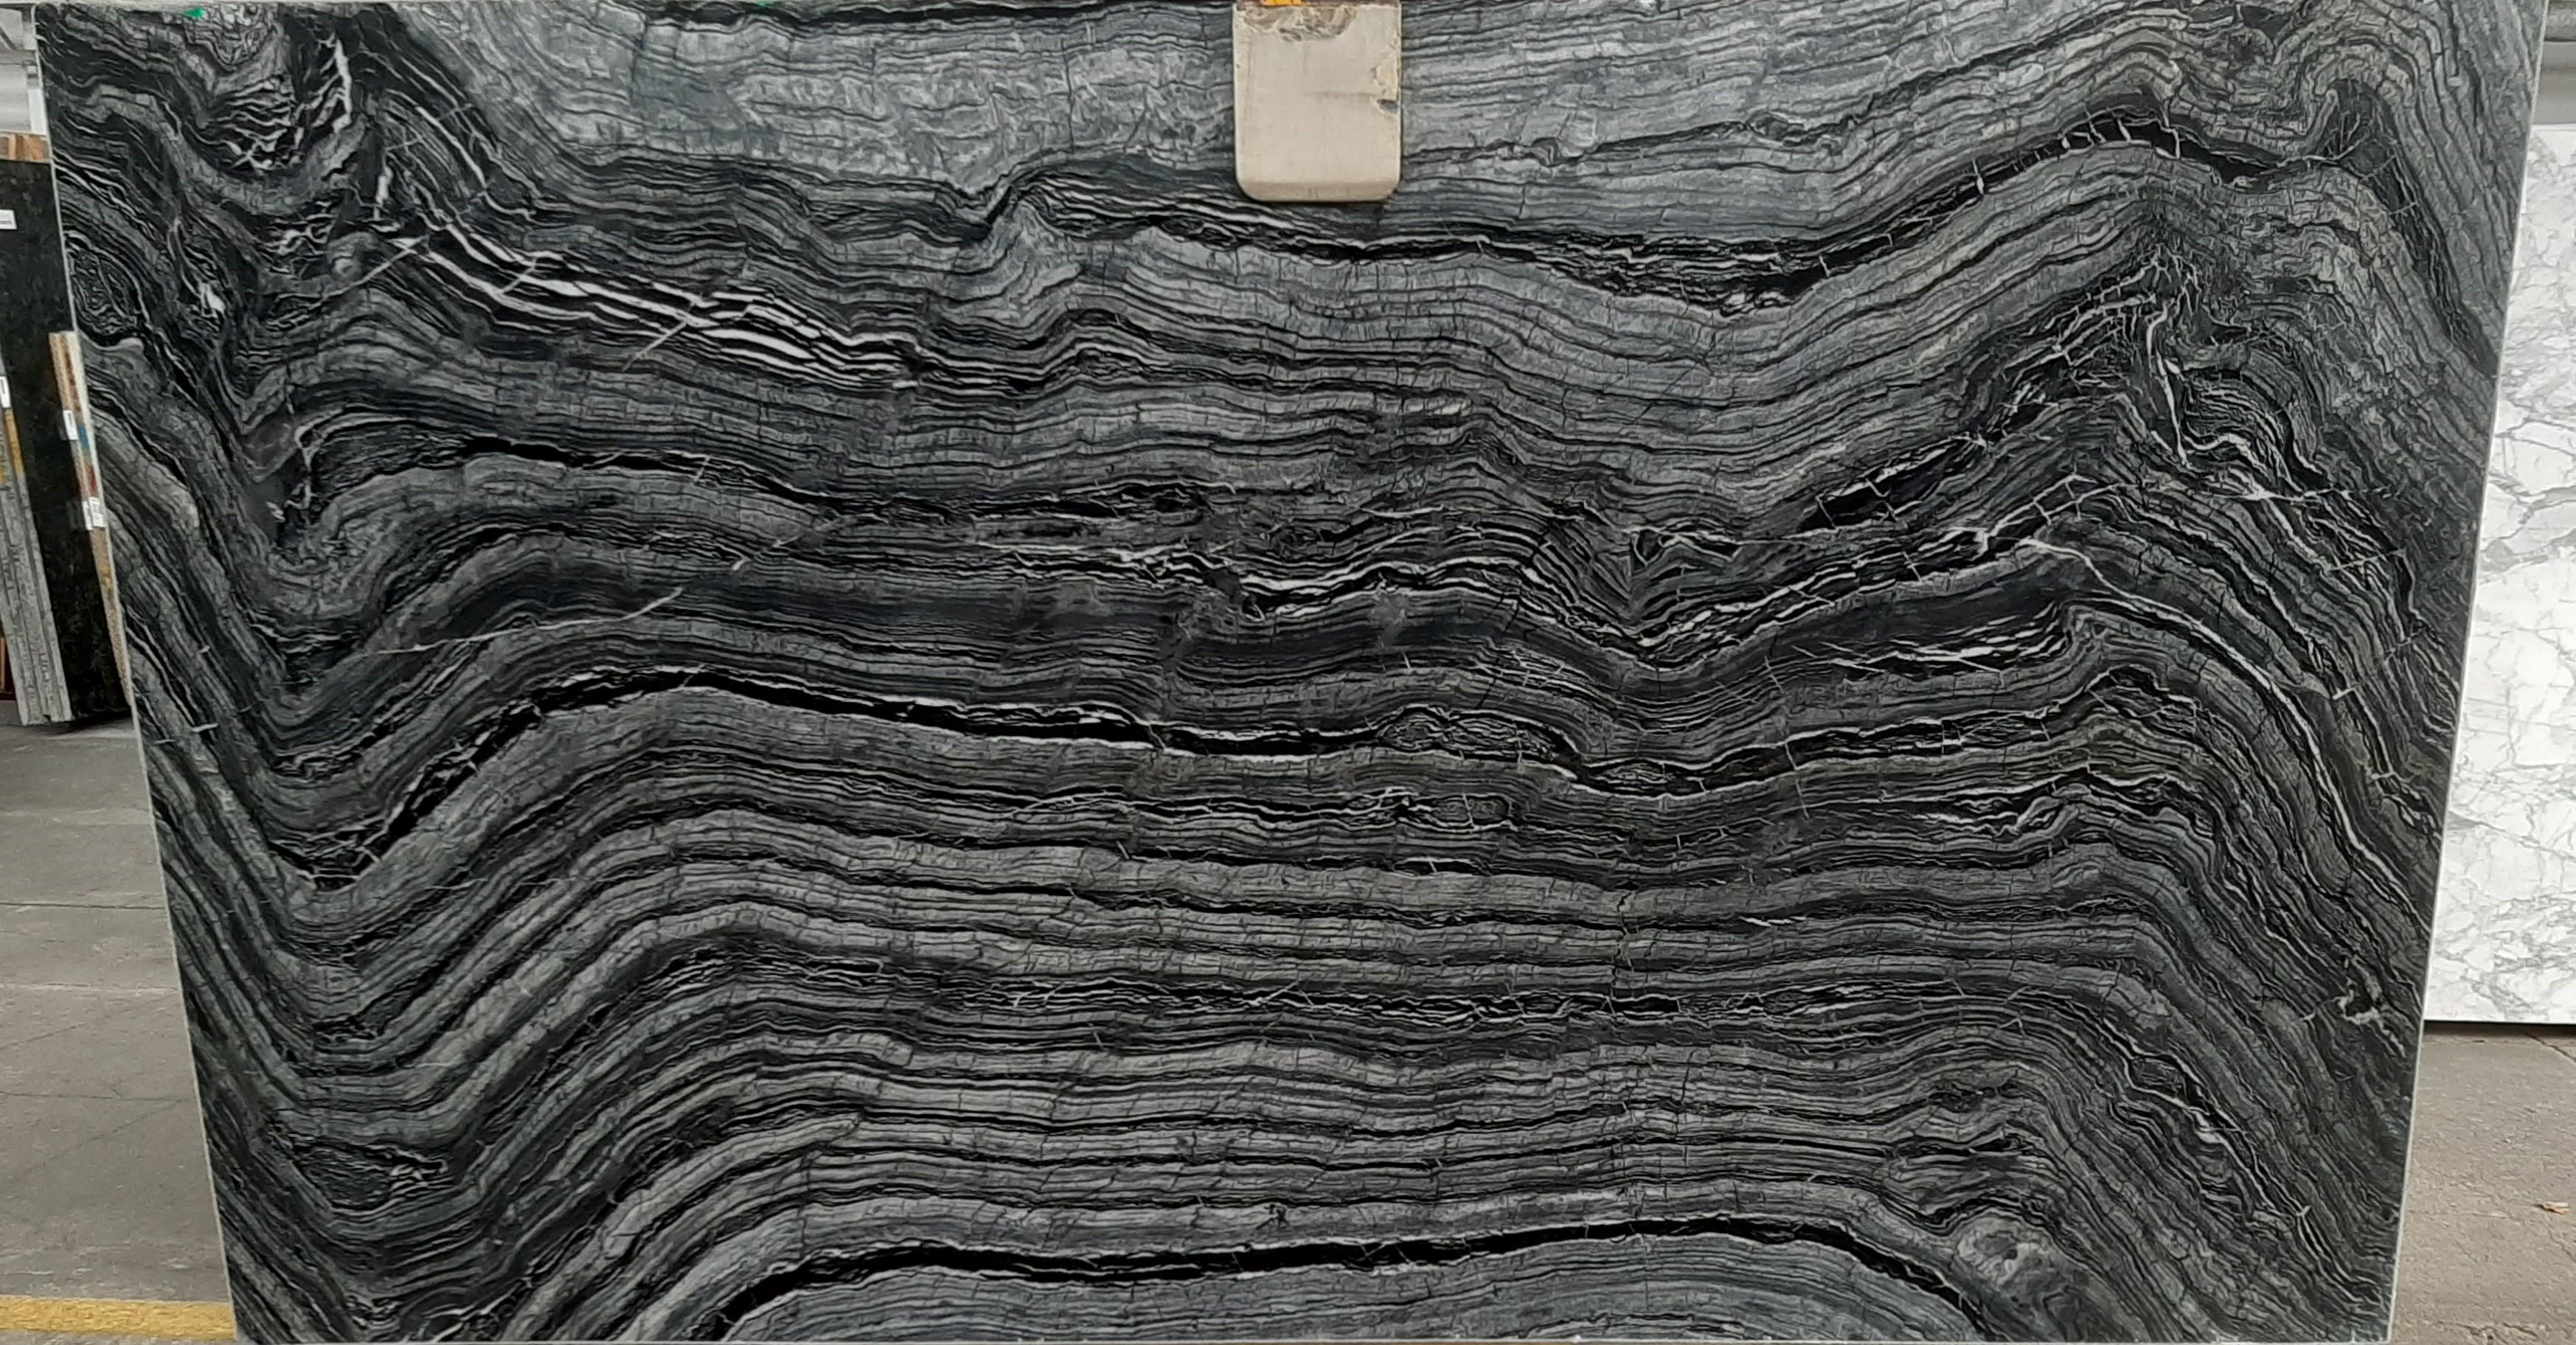 Silver Waves 305x175x2 cm